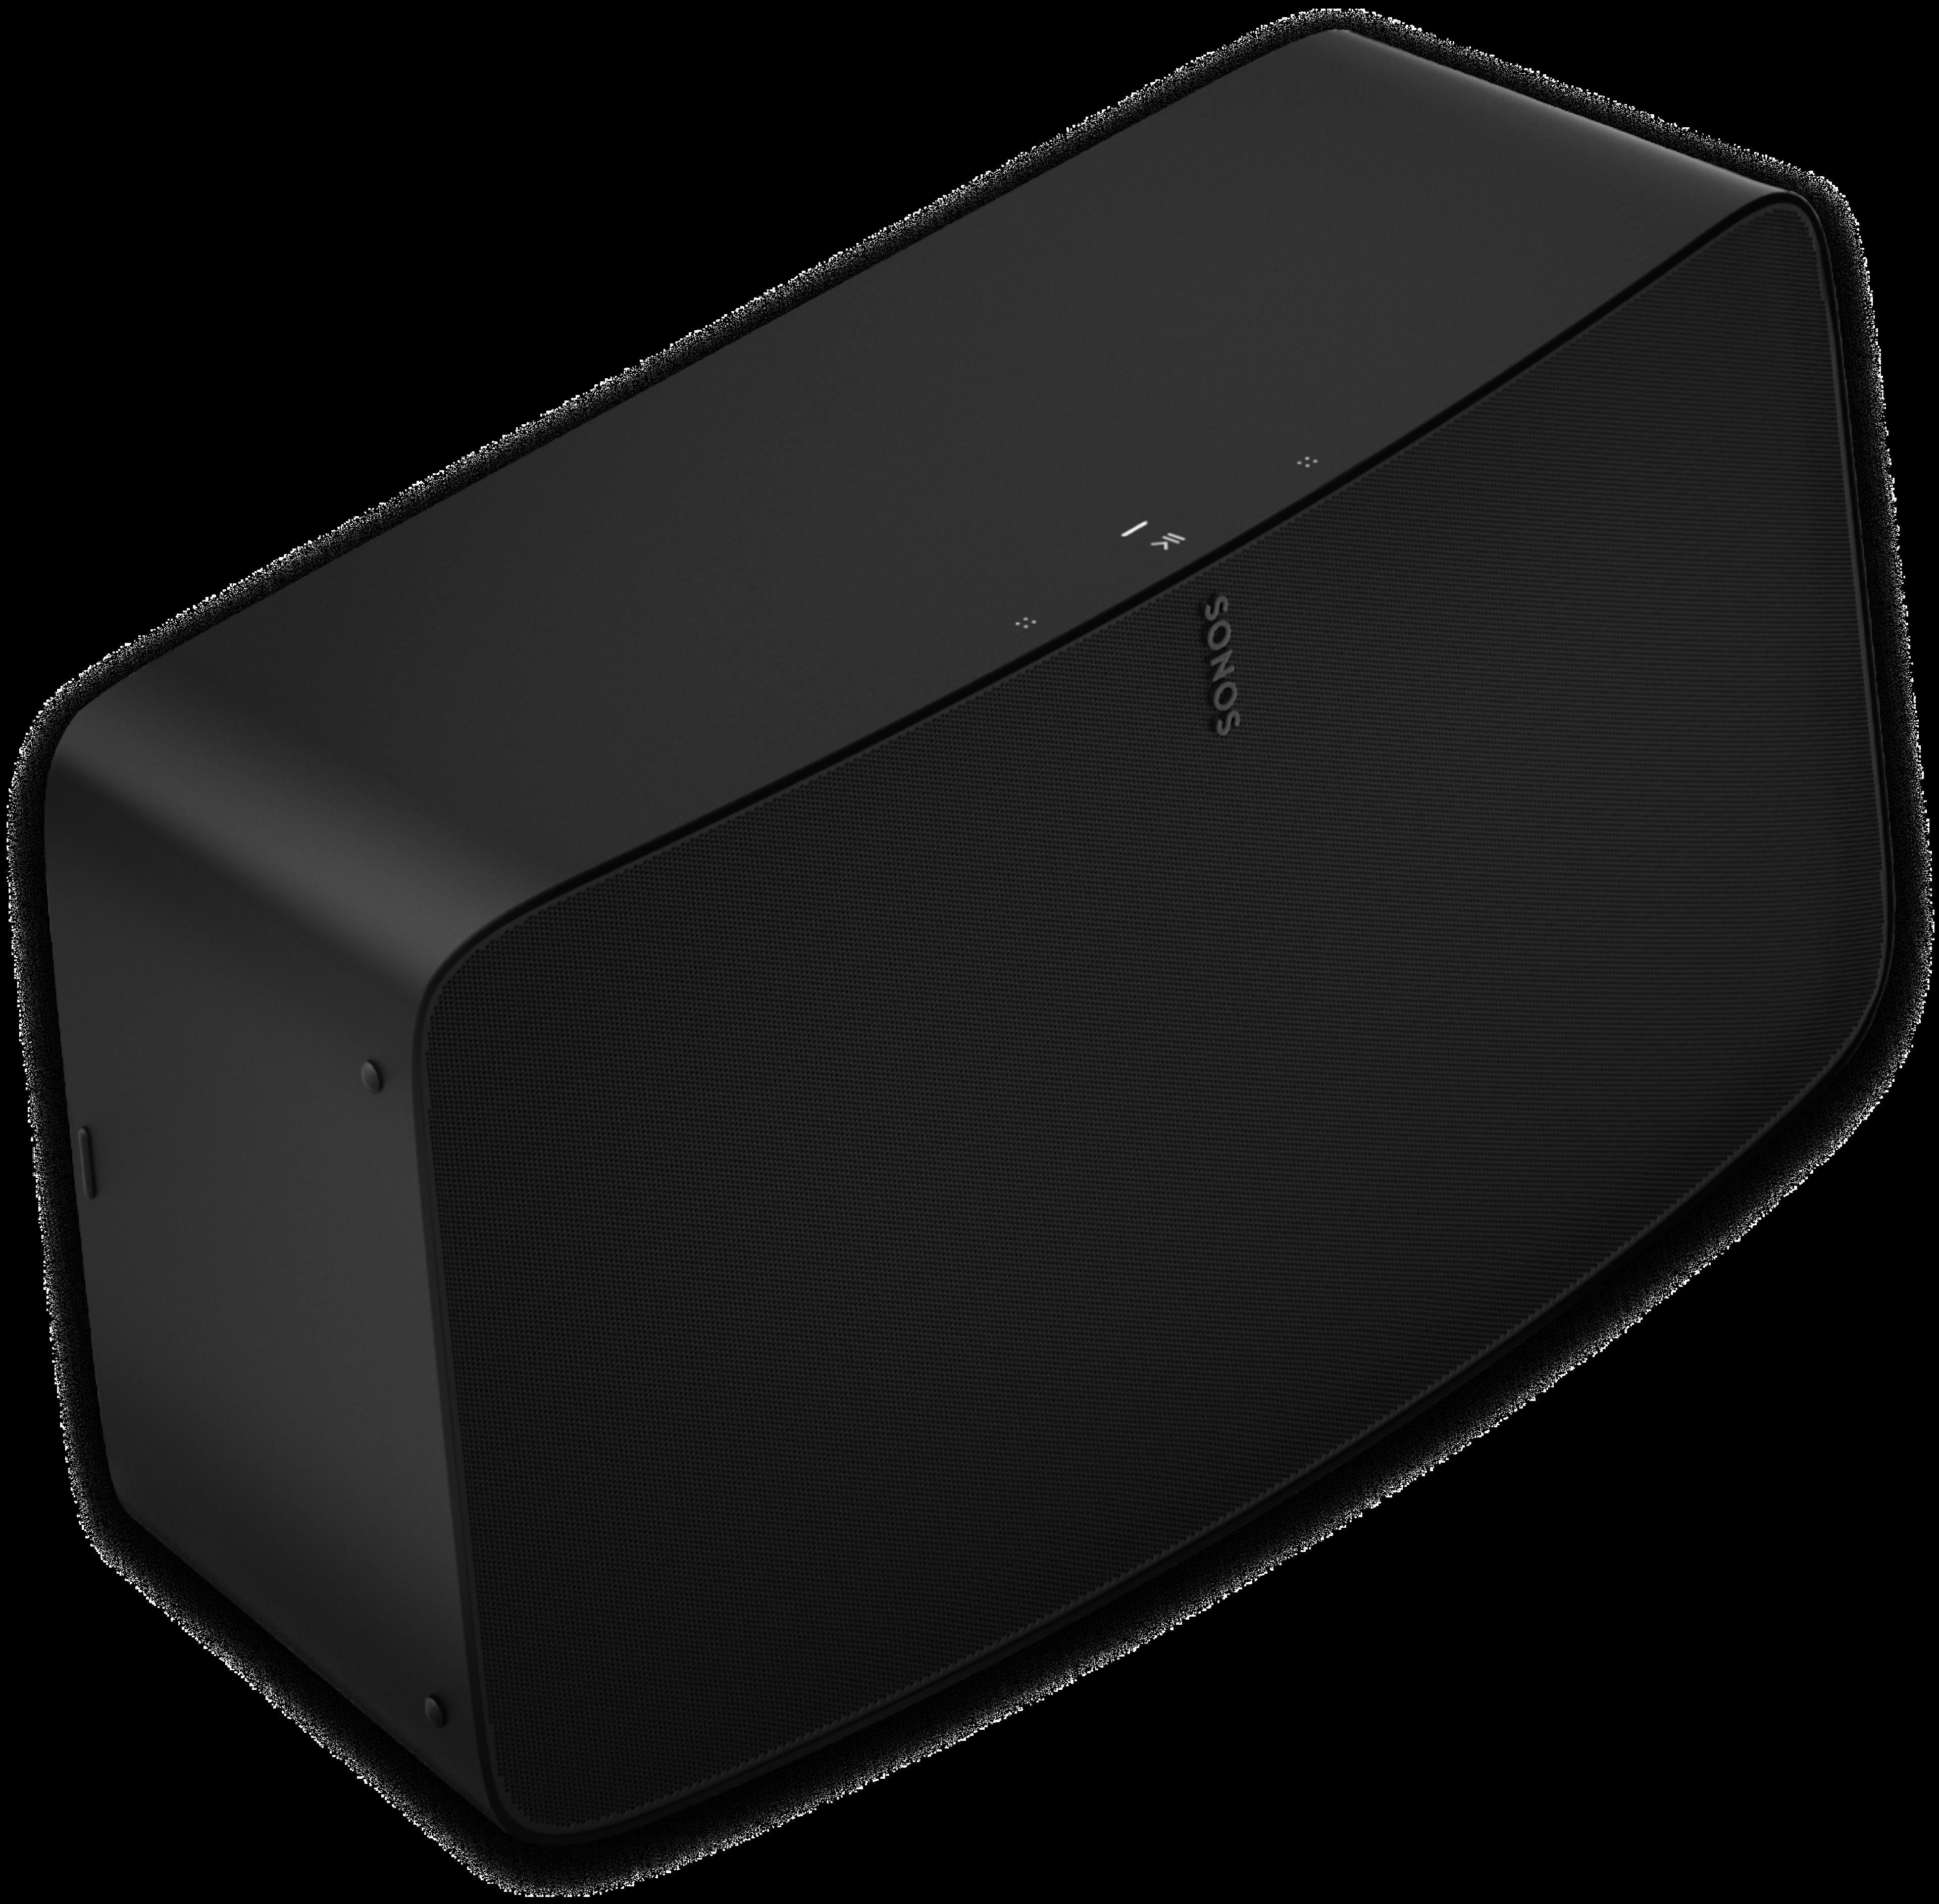 Sonos Five noir - profil